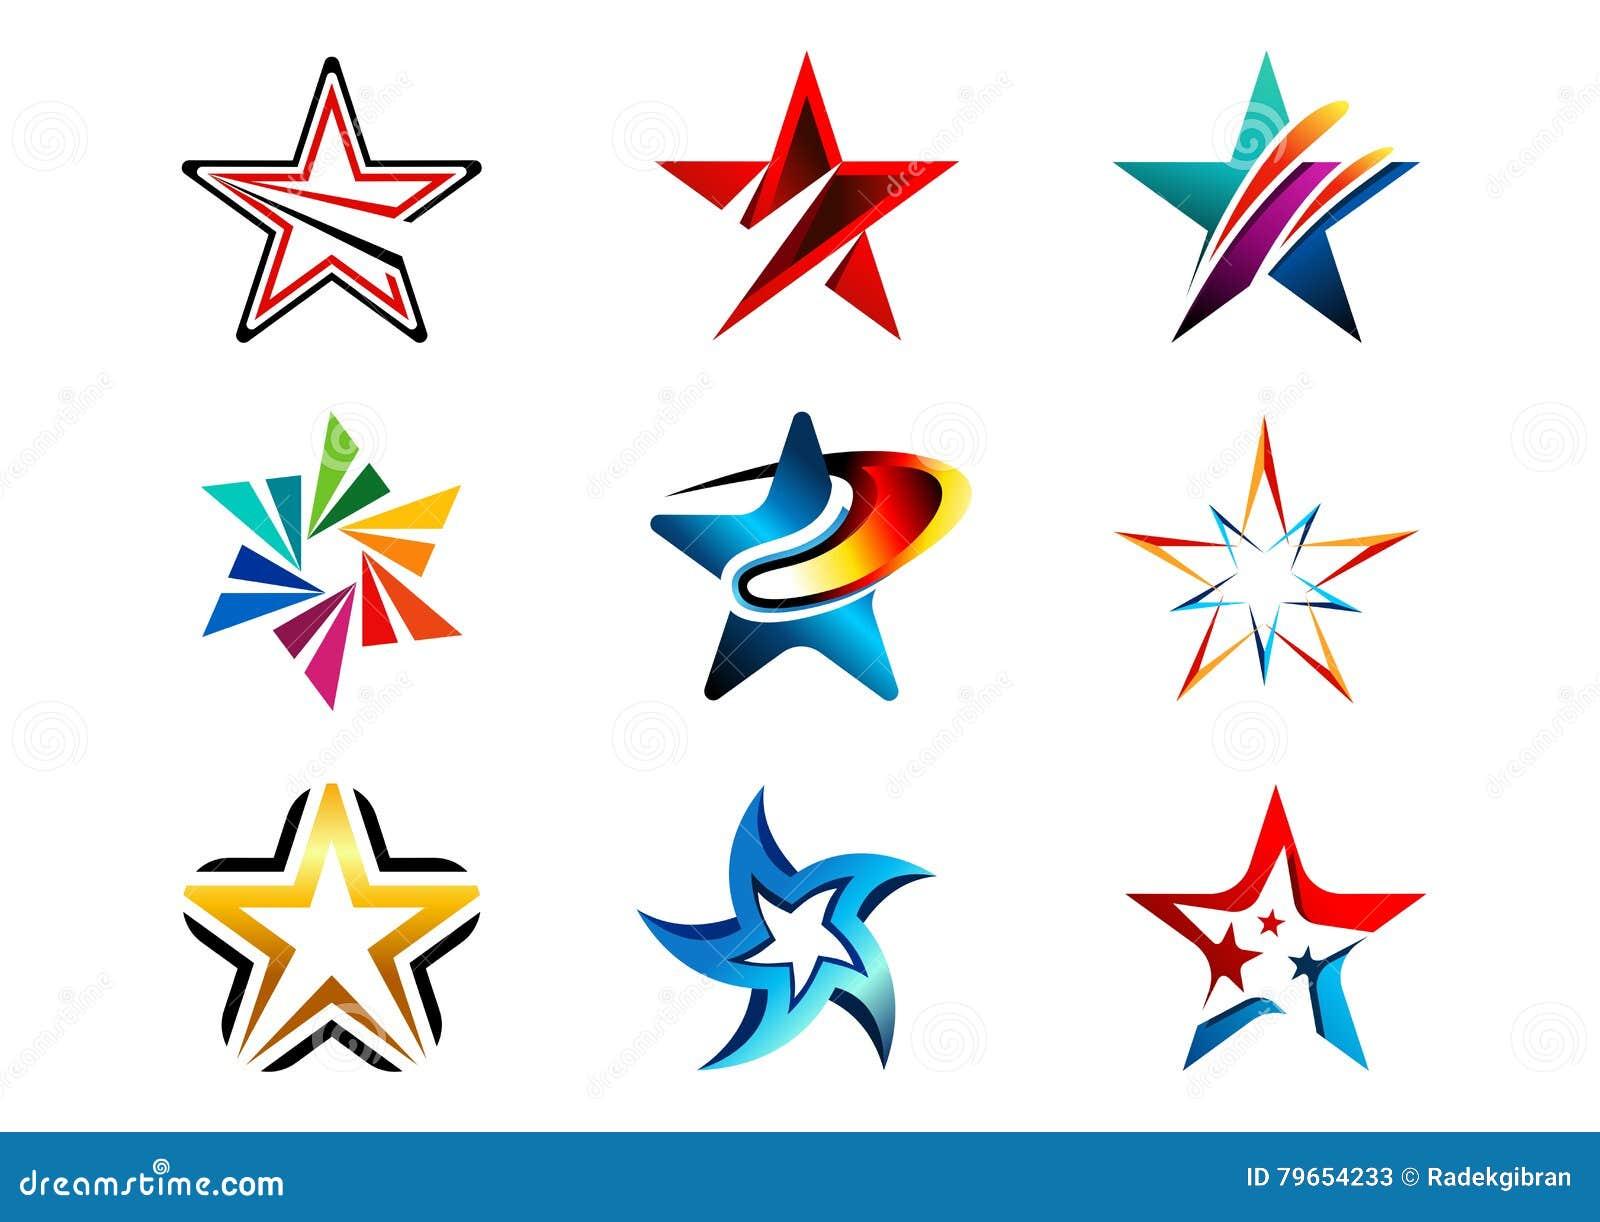 La estrella, logotipo, sistema creativo del extracto protagoniza la colección del logotipo, protagoniza el elemento del diseño de